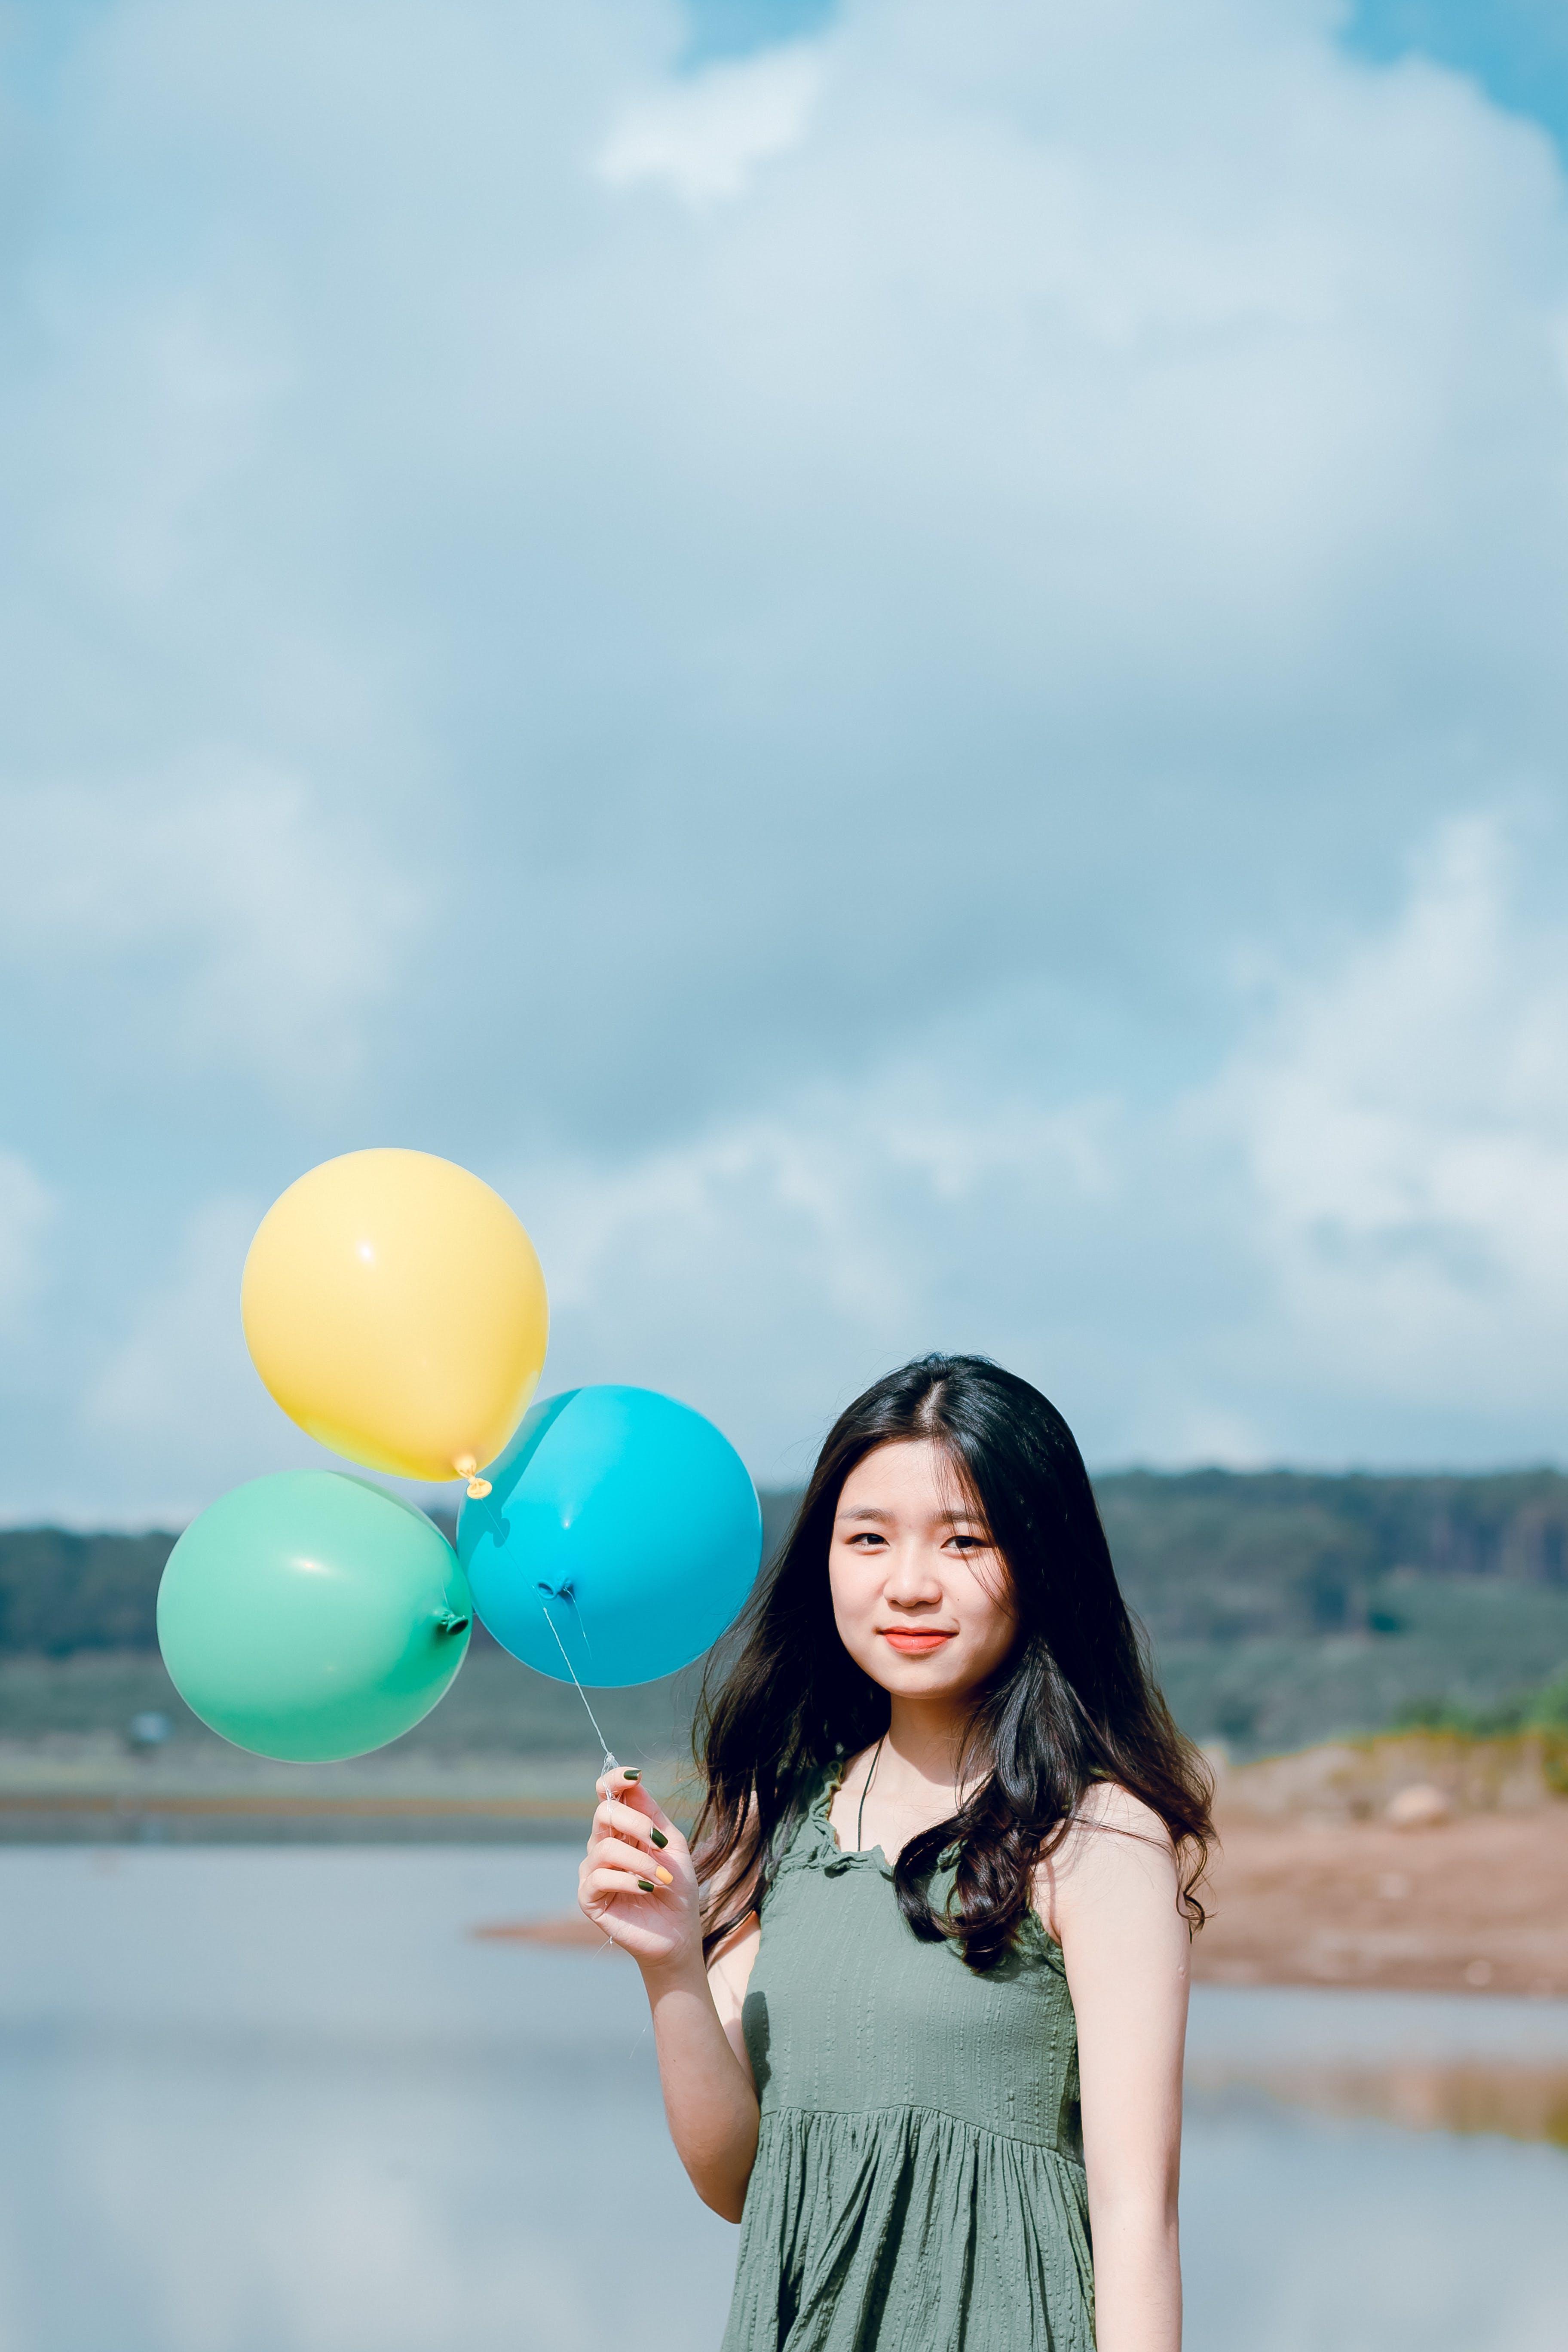 Gratis arkivbilde med asiatisk jente, asiatisk kvinne, ballonger, glede